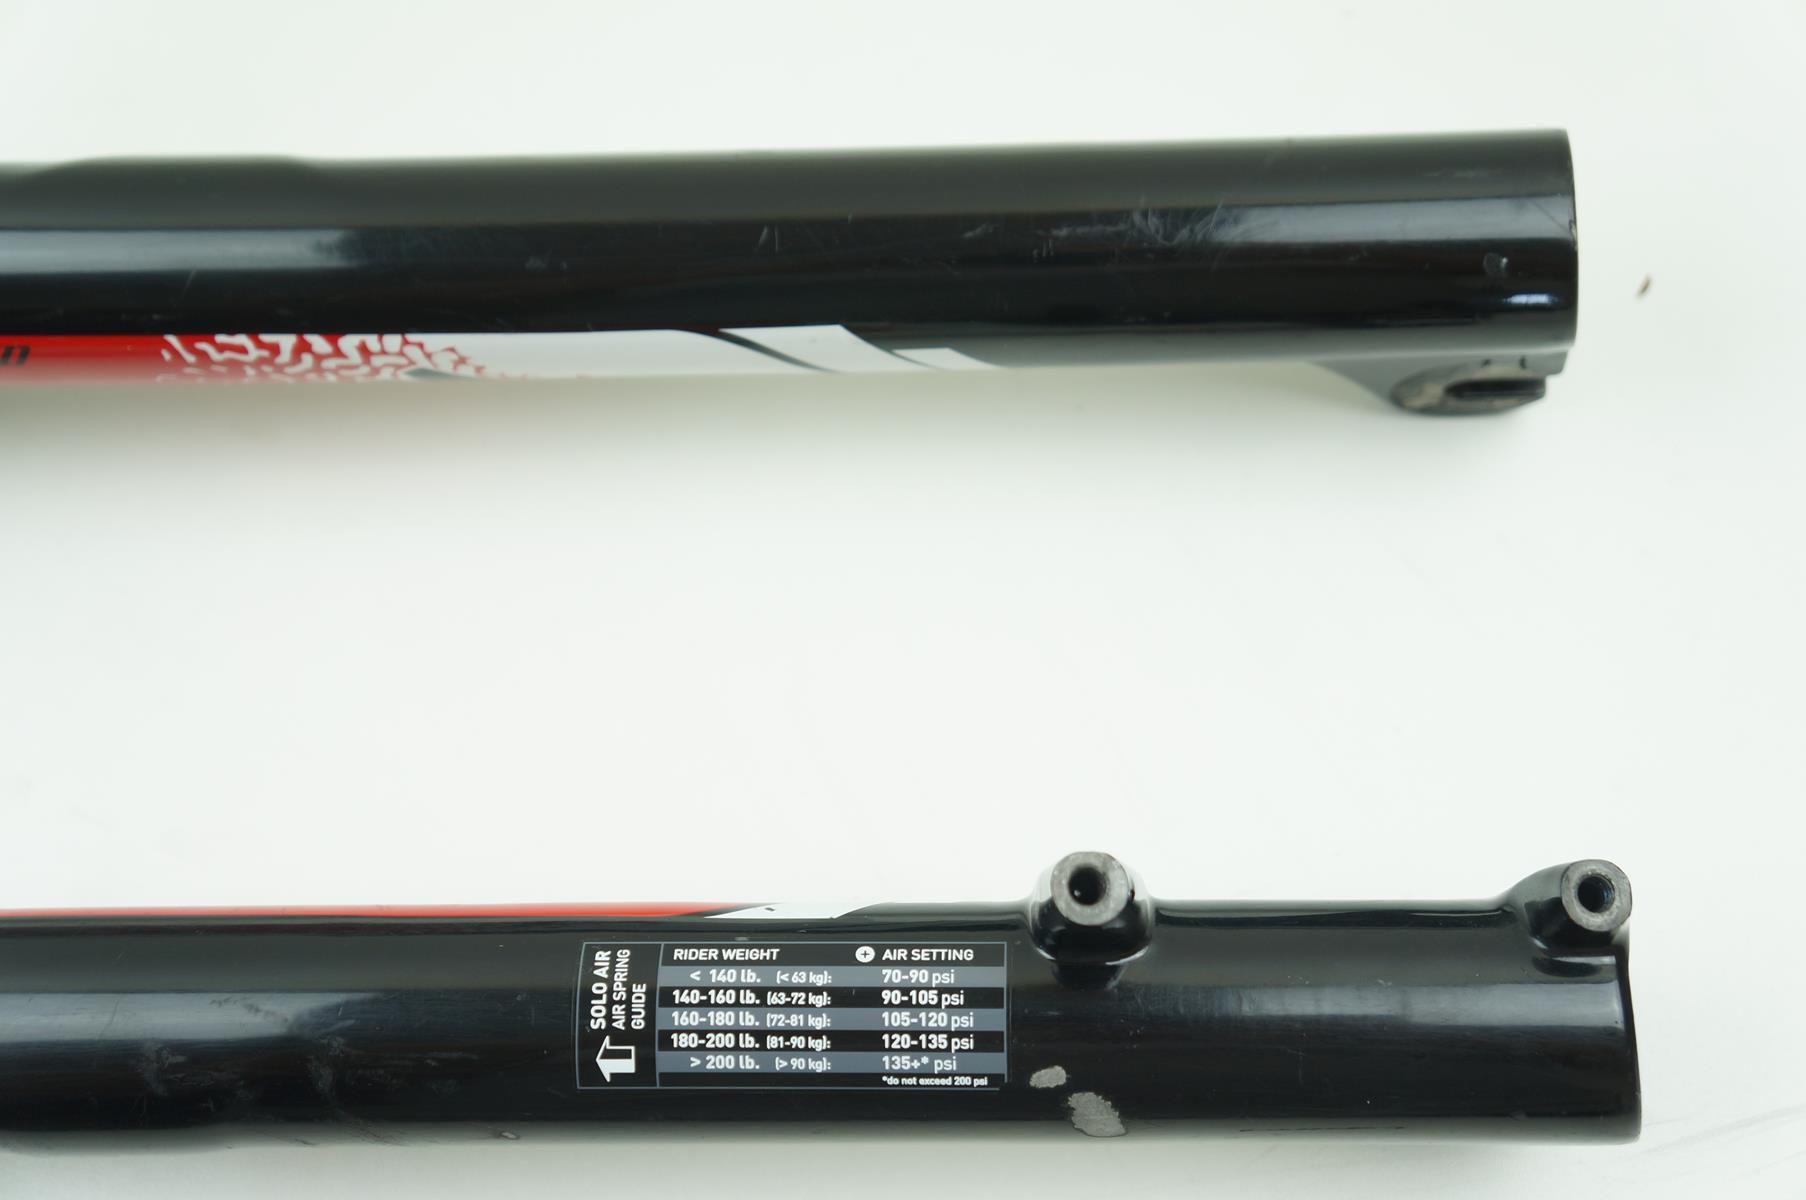 Suspensão Rock Shox Sid Brain 29er 100mm Solo Air Eixo 9mm Espiga Tapered - USADO